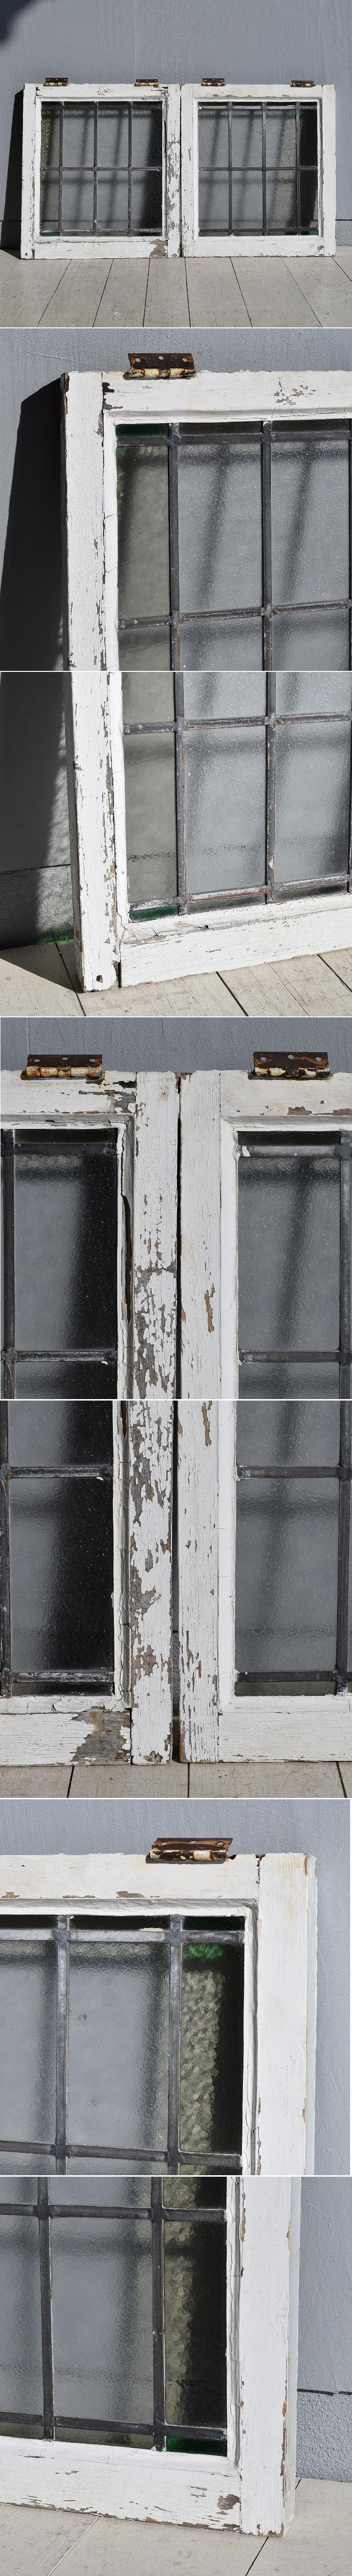 イギリス アンティーク ステンドグラス窓×2 建具 7808